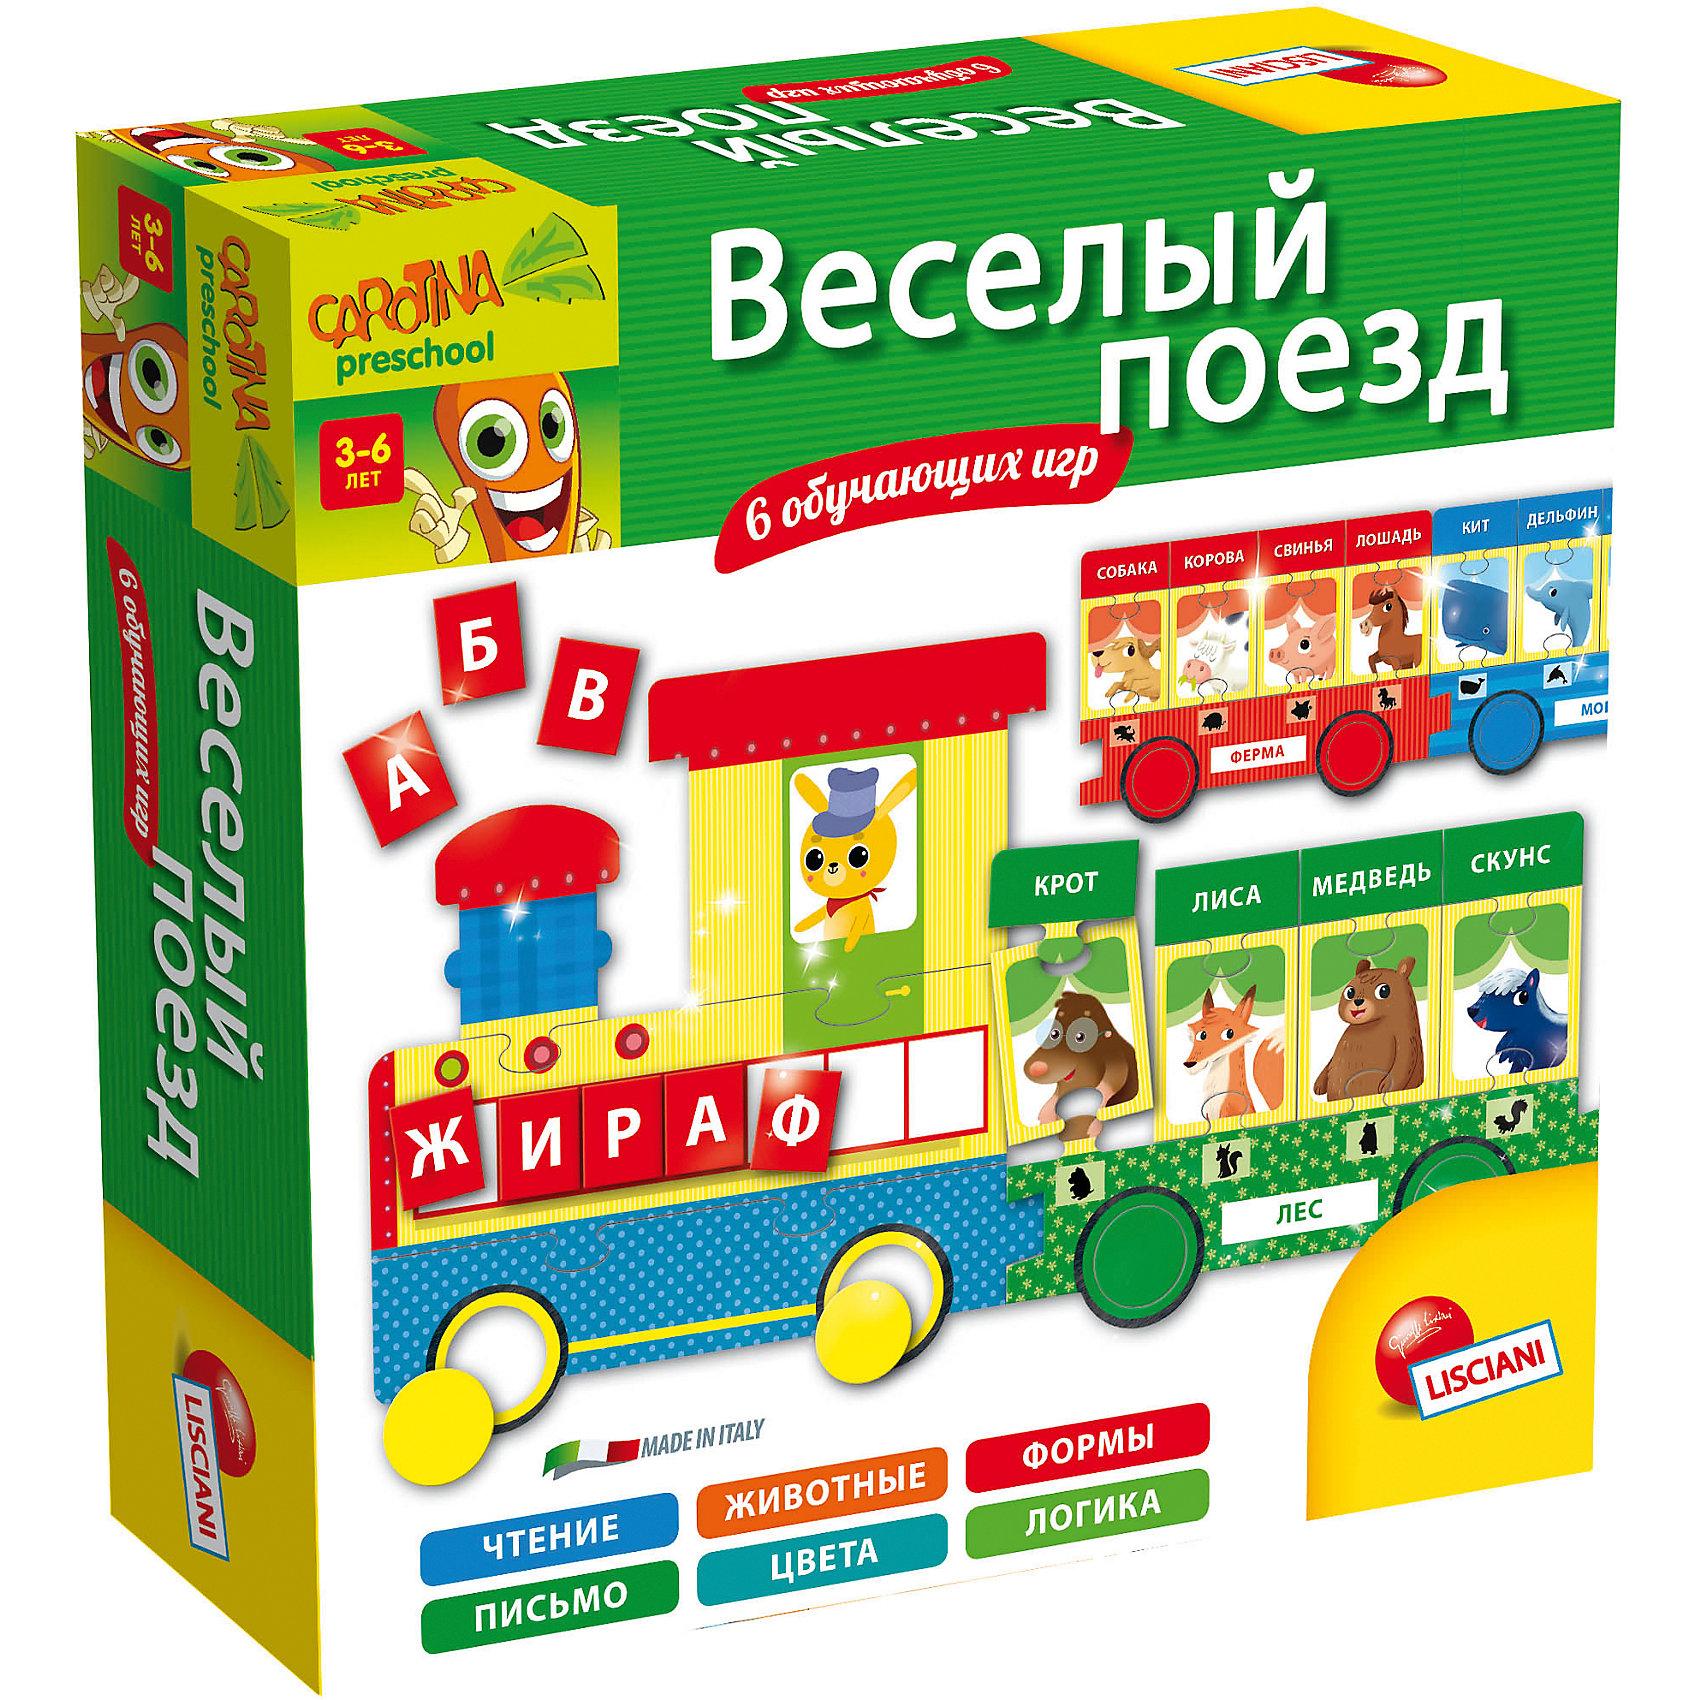 Обучающая игра Веселый поезд, LiscianiРазвивающие игры<br>Обучающая игра Весёлый поезд, Lisciani<br><br>Характеристики:<br><br>• В набор входит: локомотив, 5 вагонов с карточками, 72 буквы, инструкция<br>• Размер упаковки: 35х5х25,5 см.<br>• Состав: картон, бумага<br>• Вес: 680 г.<br>• Для детей в возрасте: от 3 до 6 лет<br>• Страна производитель: Италия<br><br>Целых пять весёлых вагонов наполнены разными животными, сгруппированными по их местам обитания. Морские животные, животные саванны, джунглей, леса и фермы будут увеличивать словарный запас ребёнка в игровой форме. К каждой карточке с рисунком животного подсоединяется его название, собирая такие пазлы дети будут практиковать чтение. С паровозиком можно также играть и в лото.<br><br>Обучающую игру Весёлый поезд, Lisciani можно купить в нашем интернет-магазине.<br><br>Ширина мм: 254<br>Глубина мм: 254<br>Высота мм: 60<br>Вес г: 682<br>Возраст от месяцев: 36<br>Возраст до месяцев: 2147483647<br>Пол: Унисекс<br>Возраст: Детский<br>SKU: 5522889